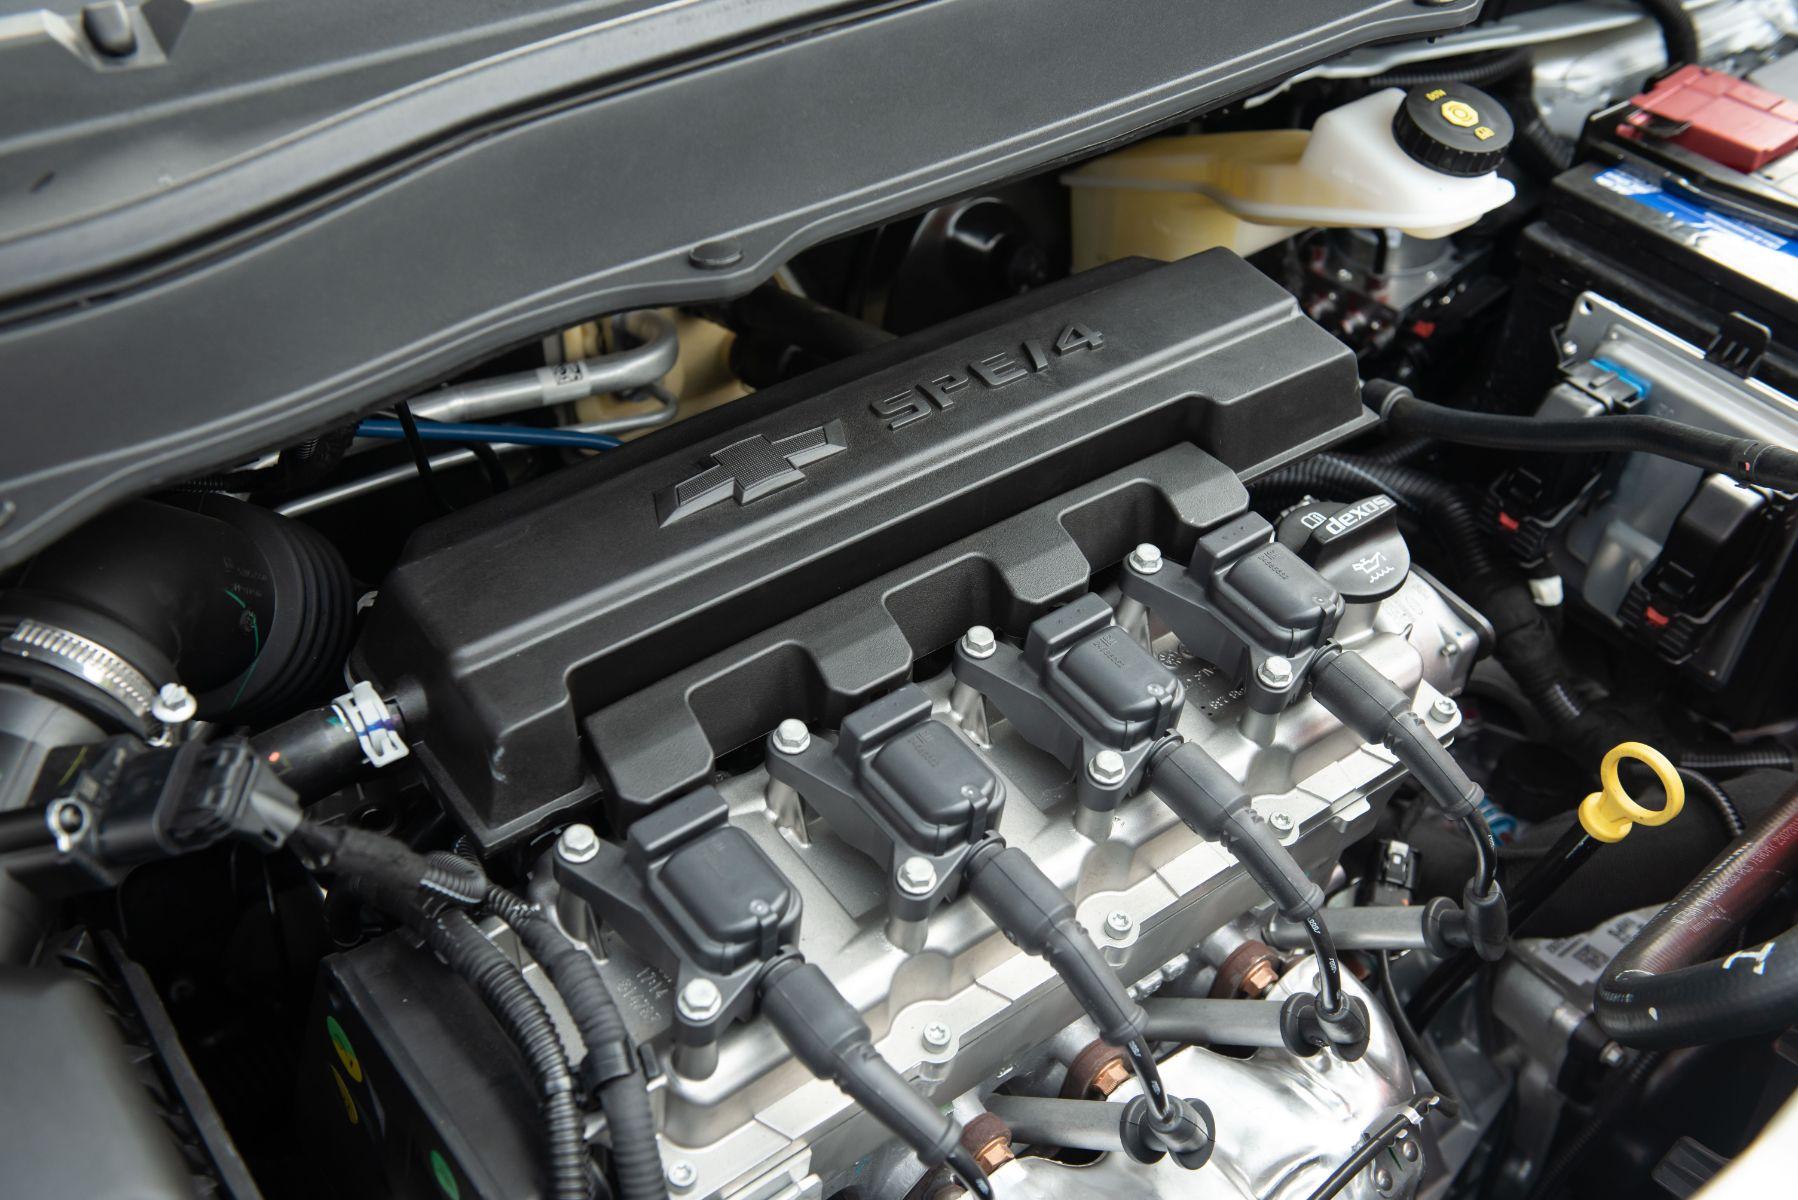 chevrolet spin premier motor spe4 familia 1